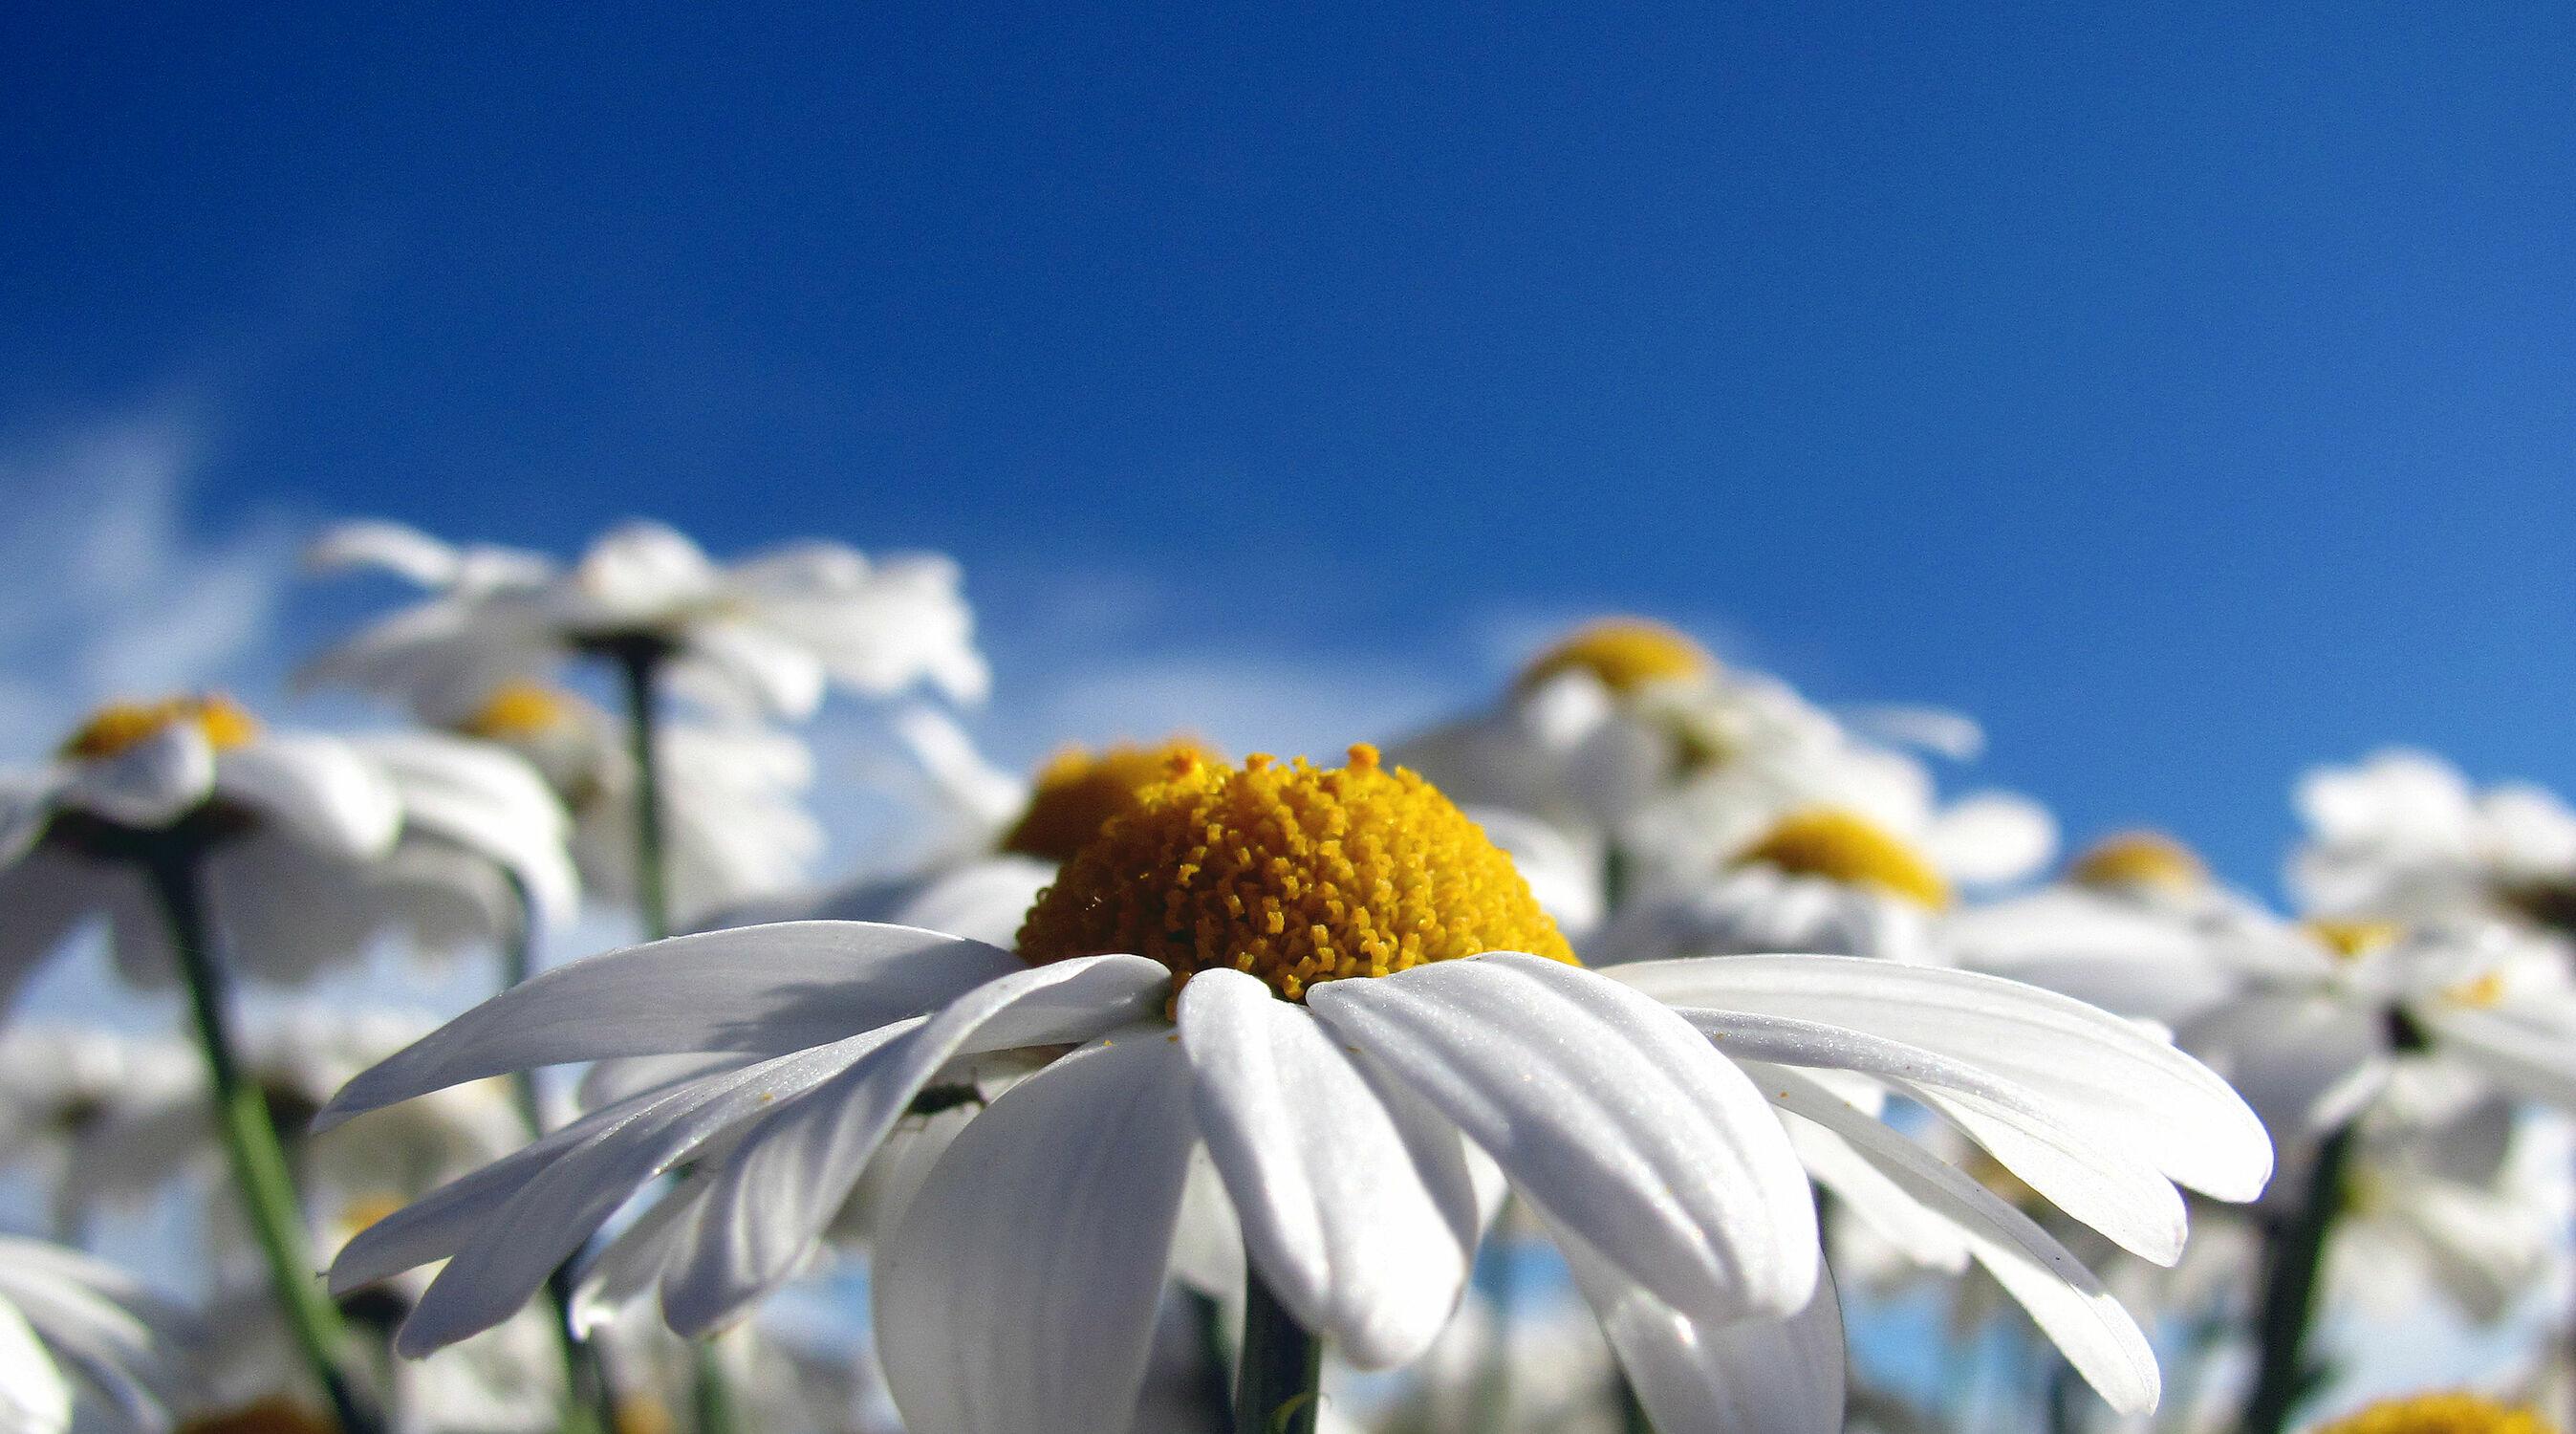 Bild mit Pflanzen, Blumen, Blume, Pflanze, Margariten, Mageriten, magerite